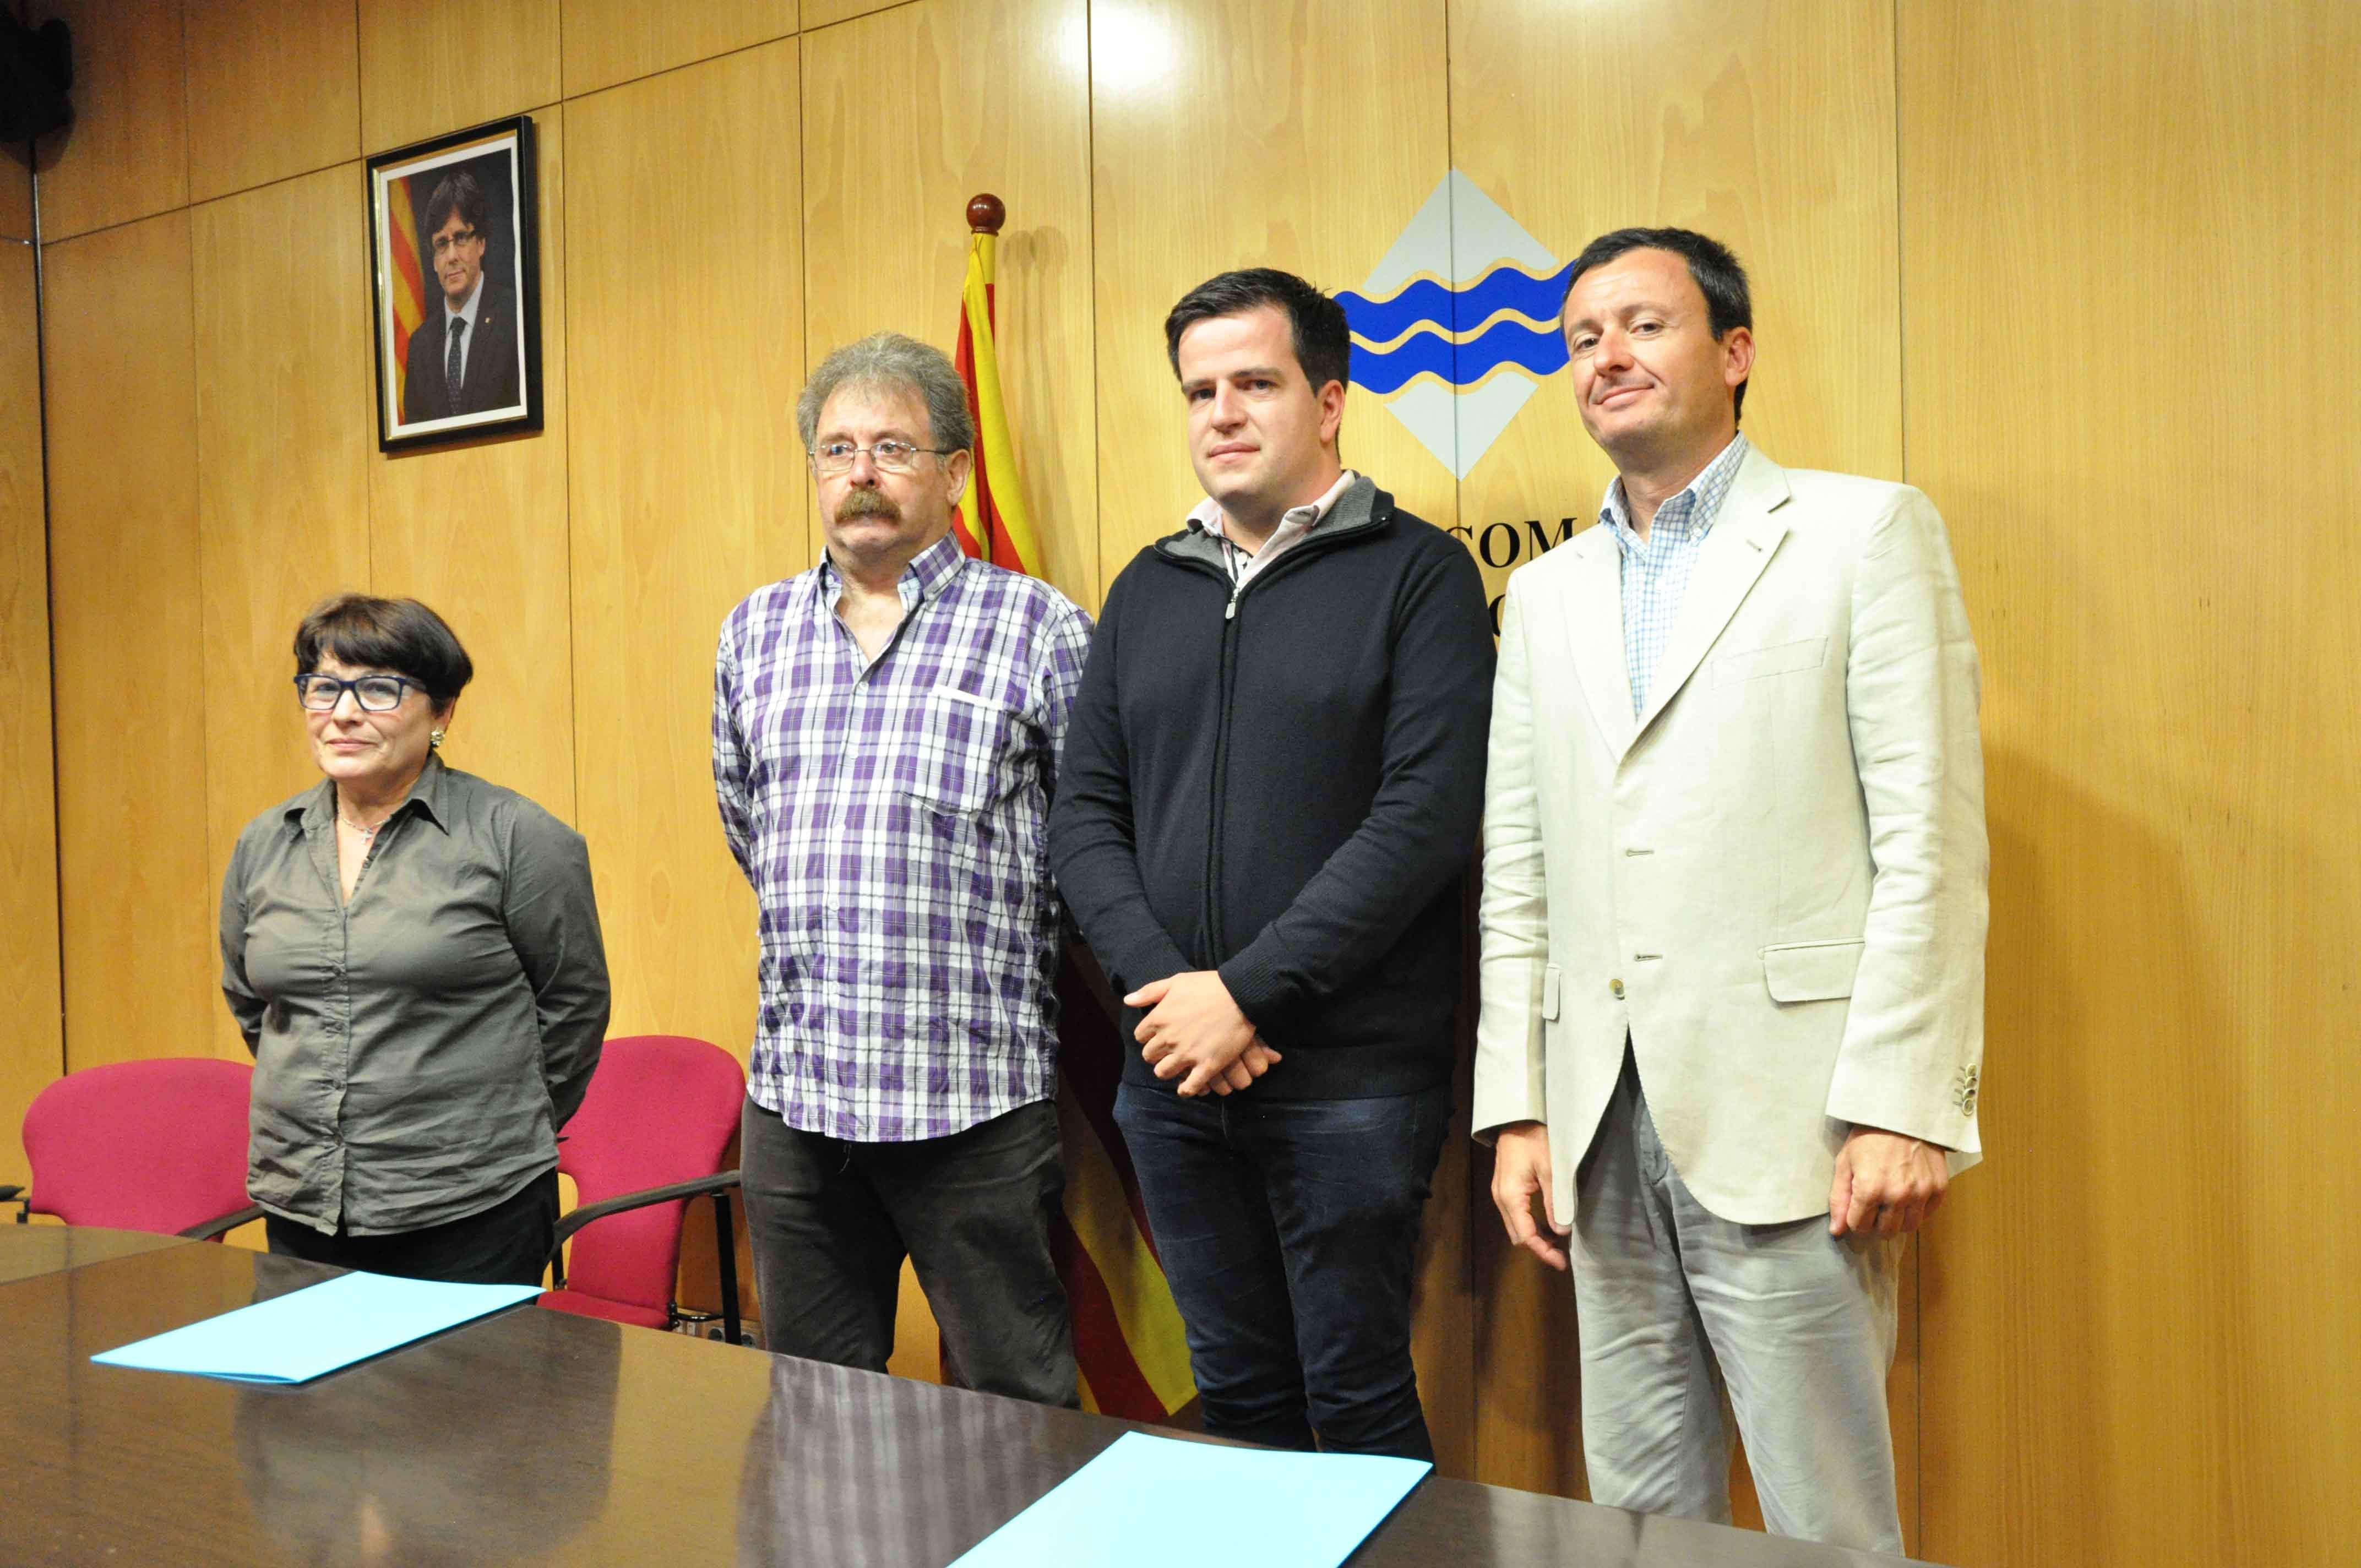 Acte de presentació de la subvenció per a la interpretació per a persones sordes amb APSRipollès i FESOCA. Joan Manso, Antonio Martinez i Ricardo Solana.